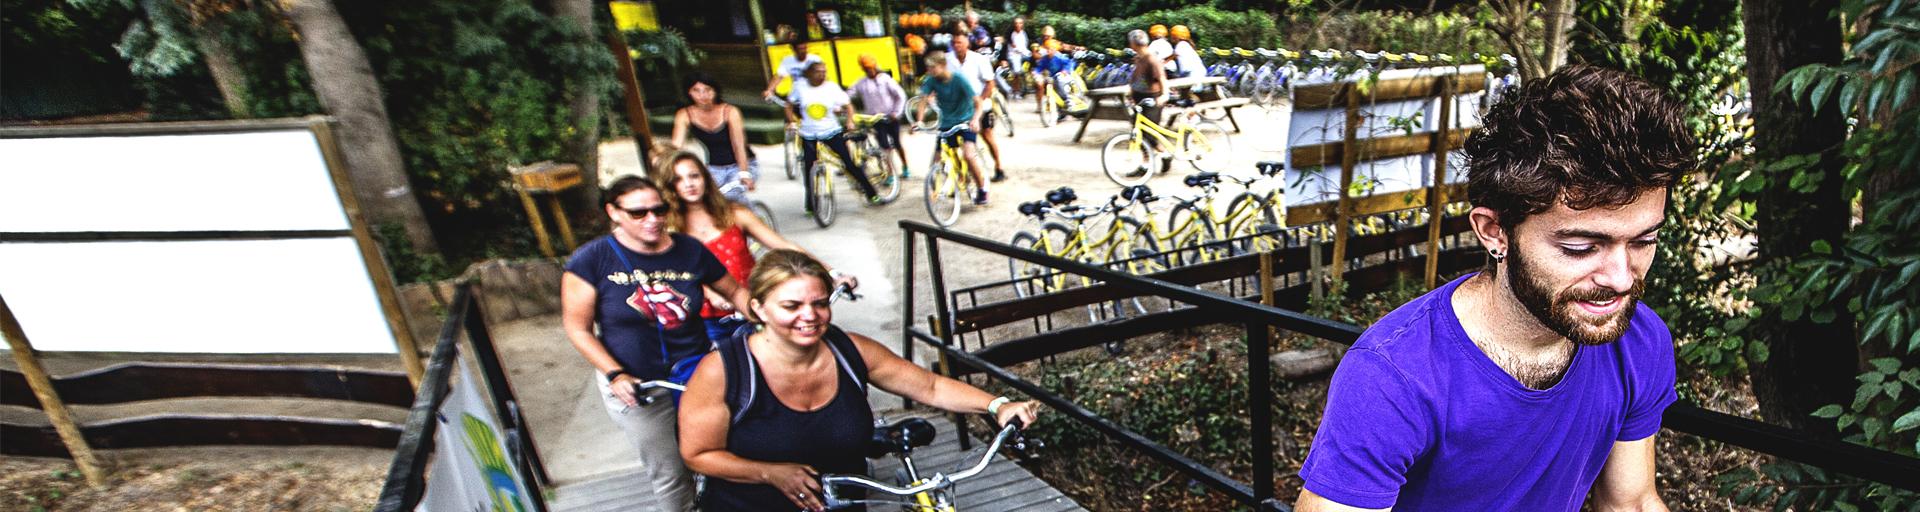 Départ d'une équipe à vélo